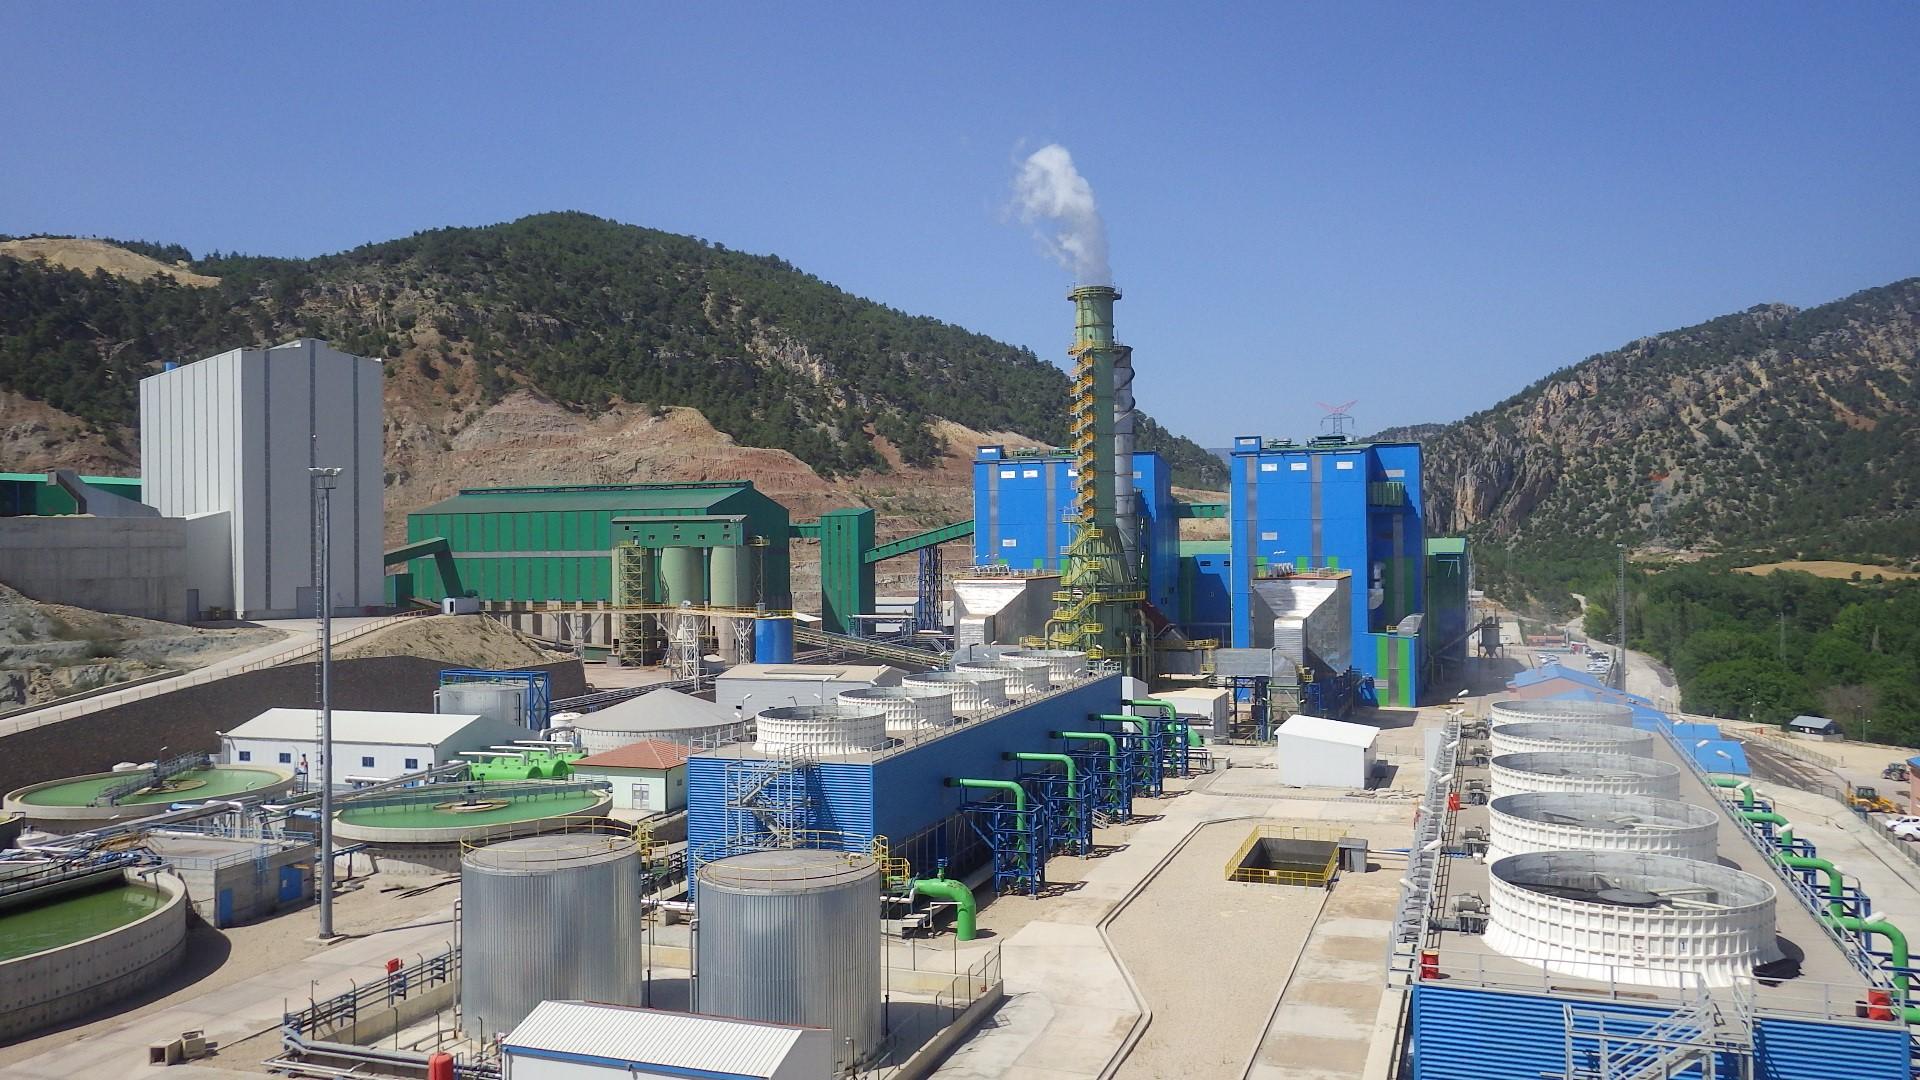 Bolu Göynük (Turecko): kotol K2 odovzdaný do predbežnej prevádzky (PAC)